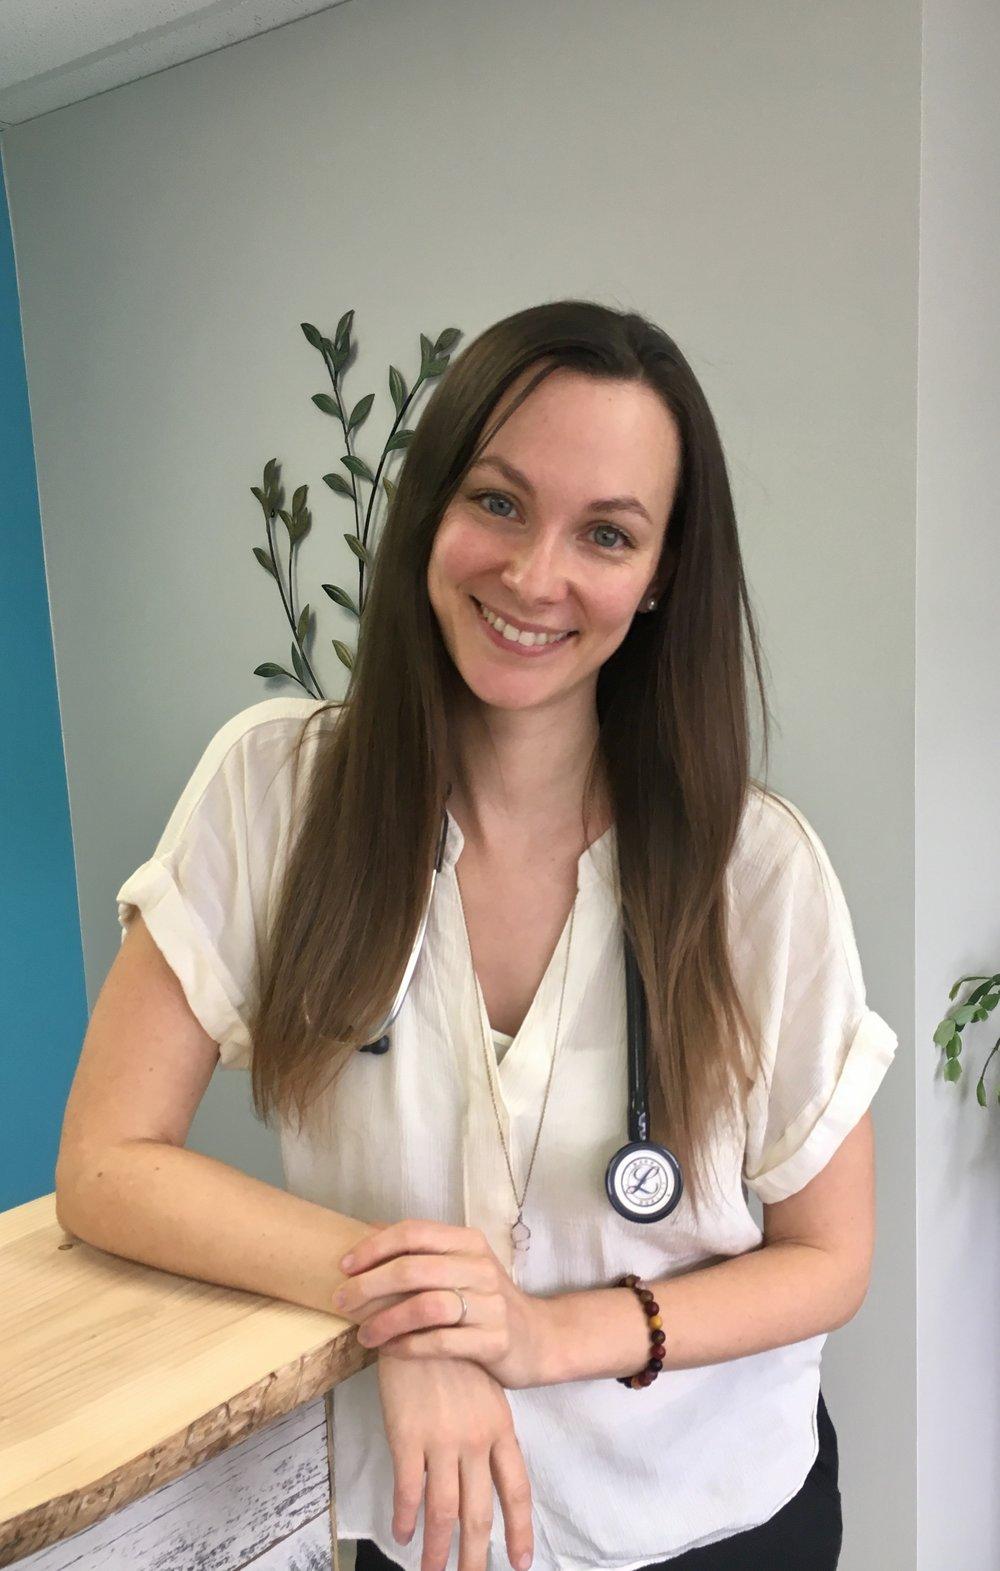 Dr. Jennifer Keller, ND     Read more about Dr. Keller